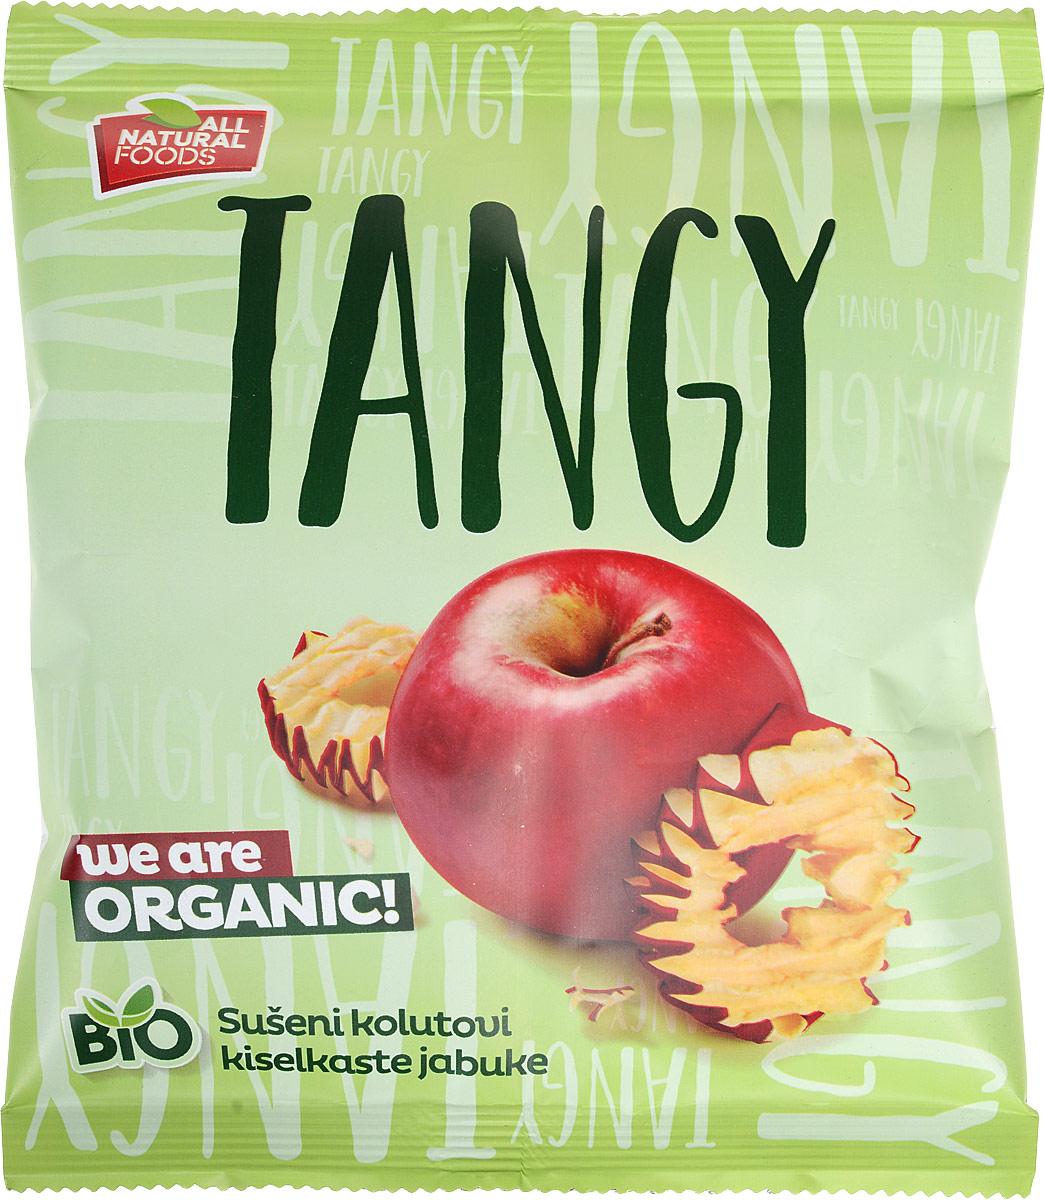 All Natural Foods сушеные колечки яблок кислый сорт, 20 г аммоний фтористый кислый купить в пензе